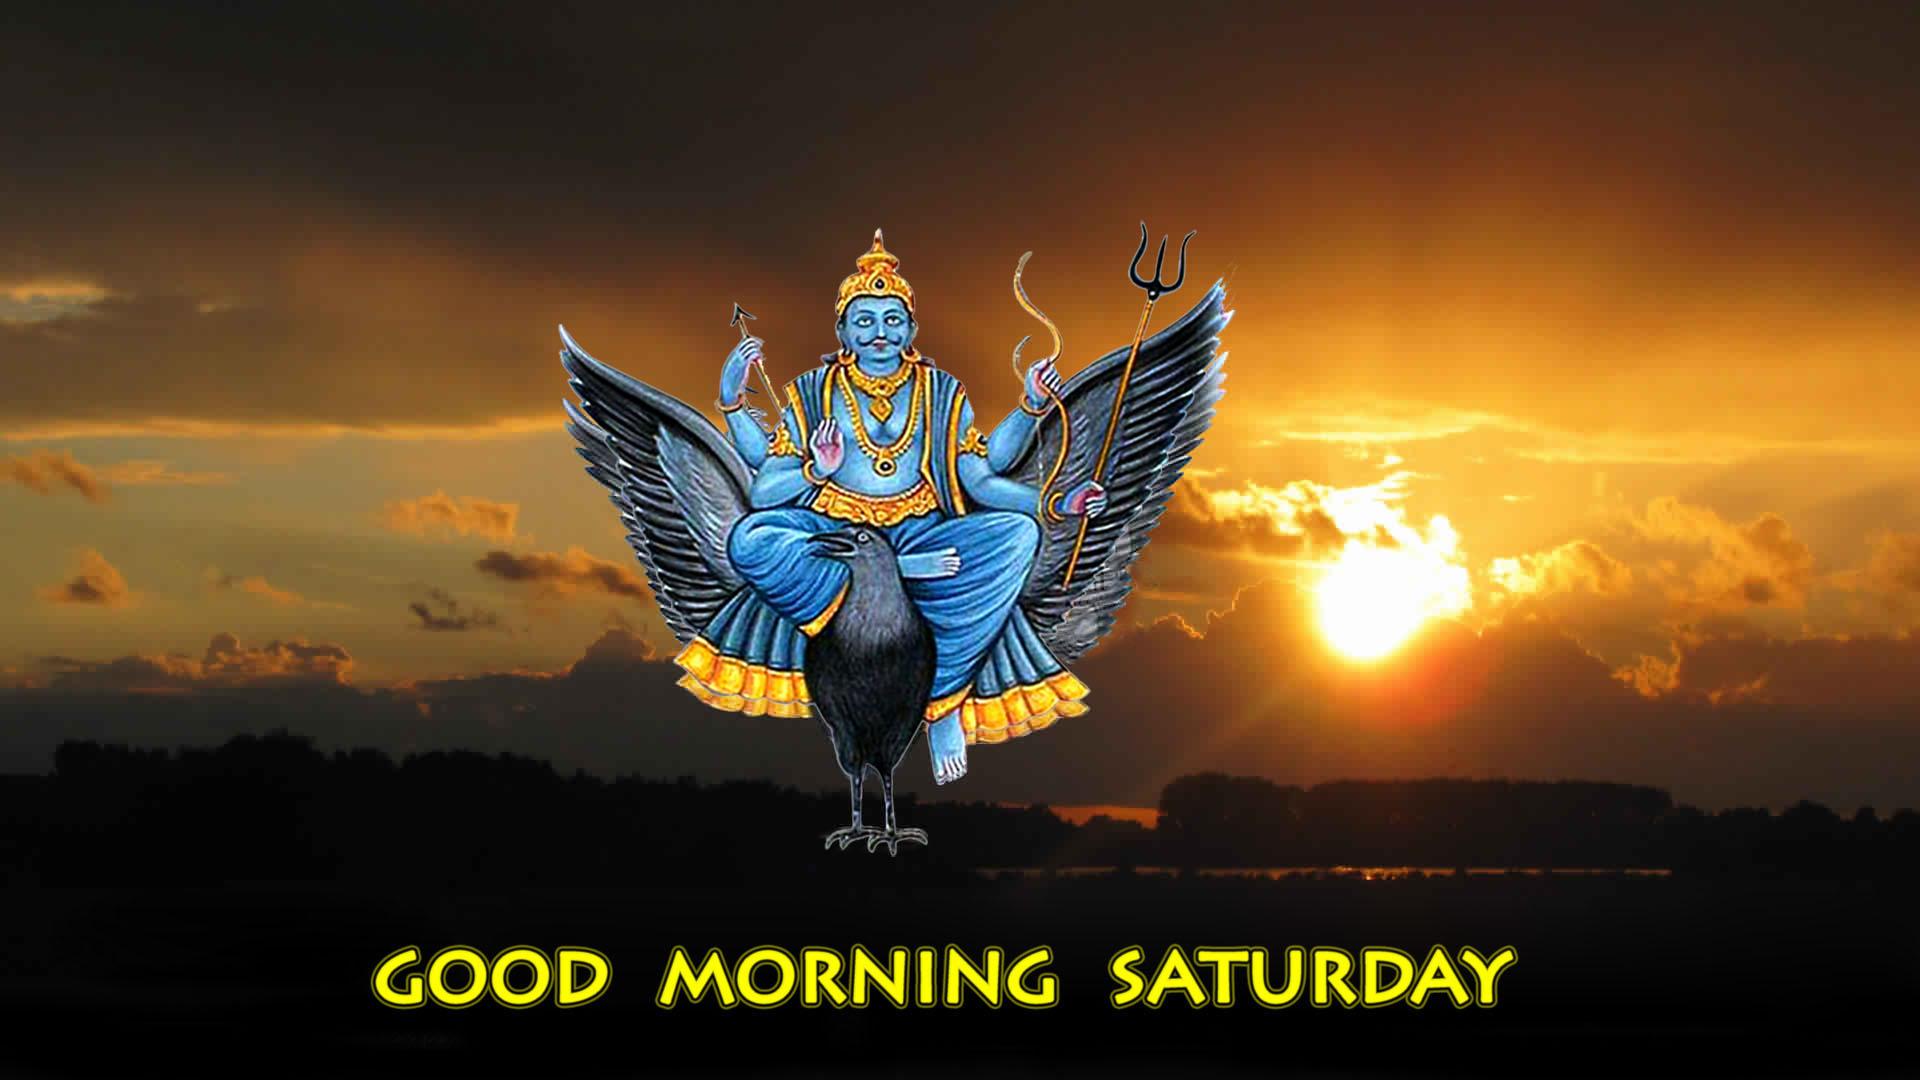 Good Morning Saturday Shani Dev